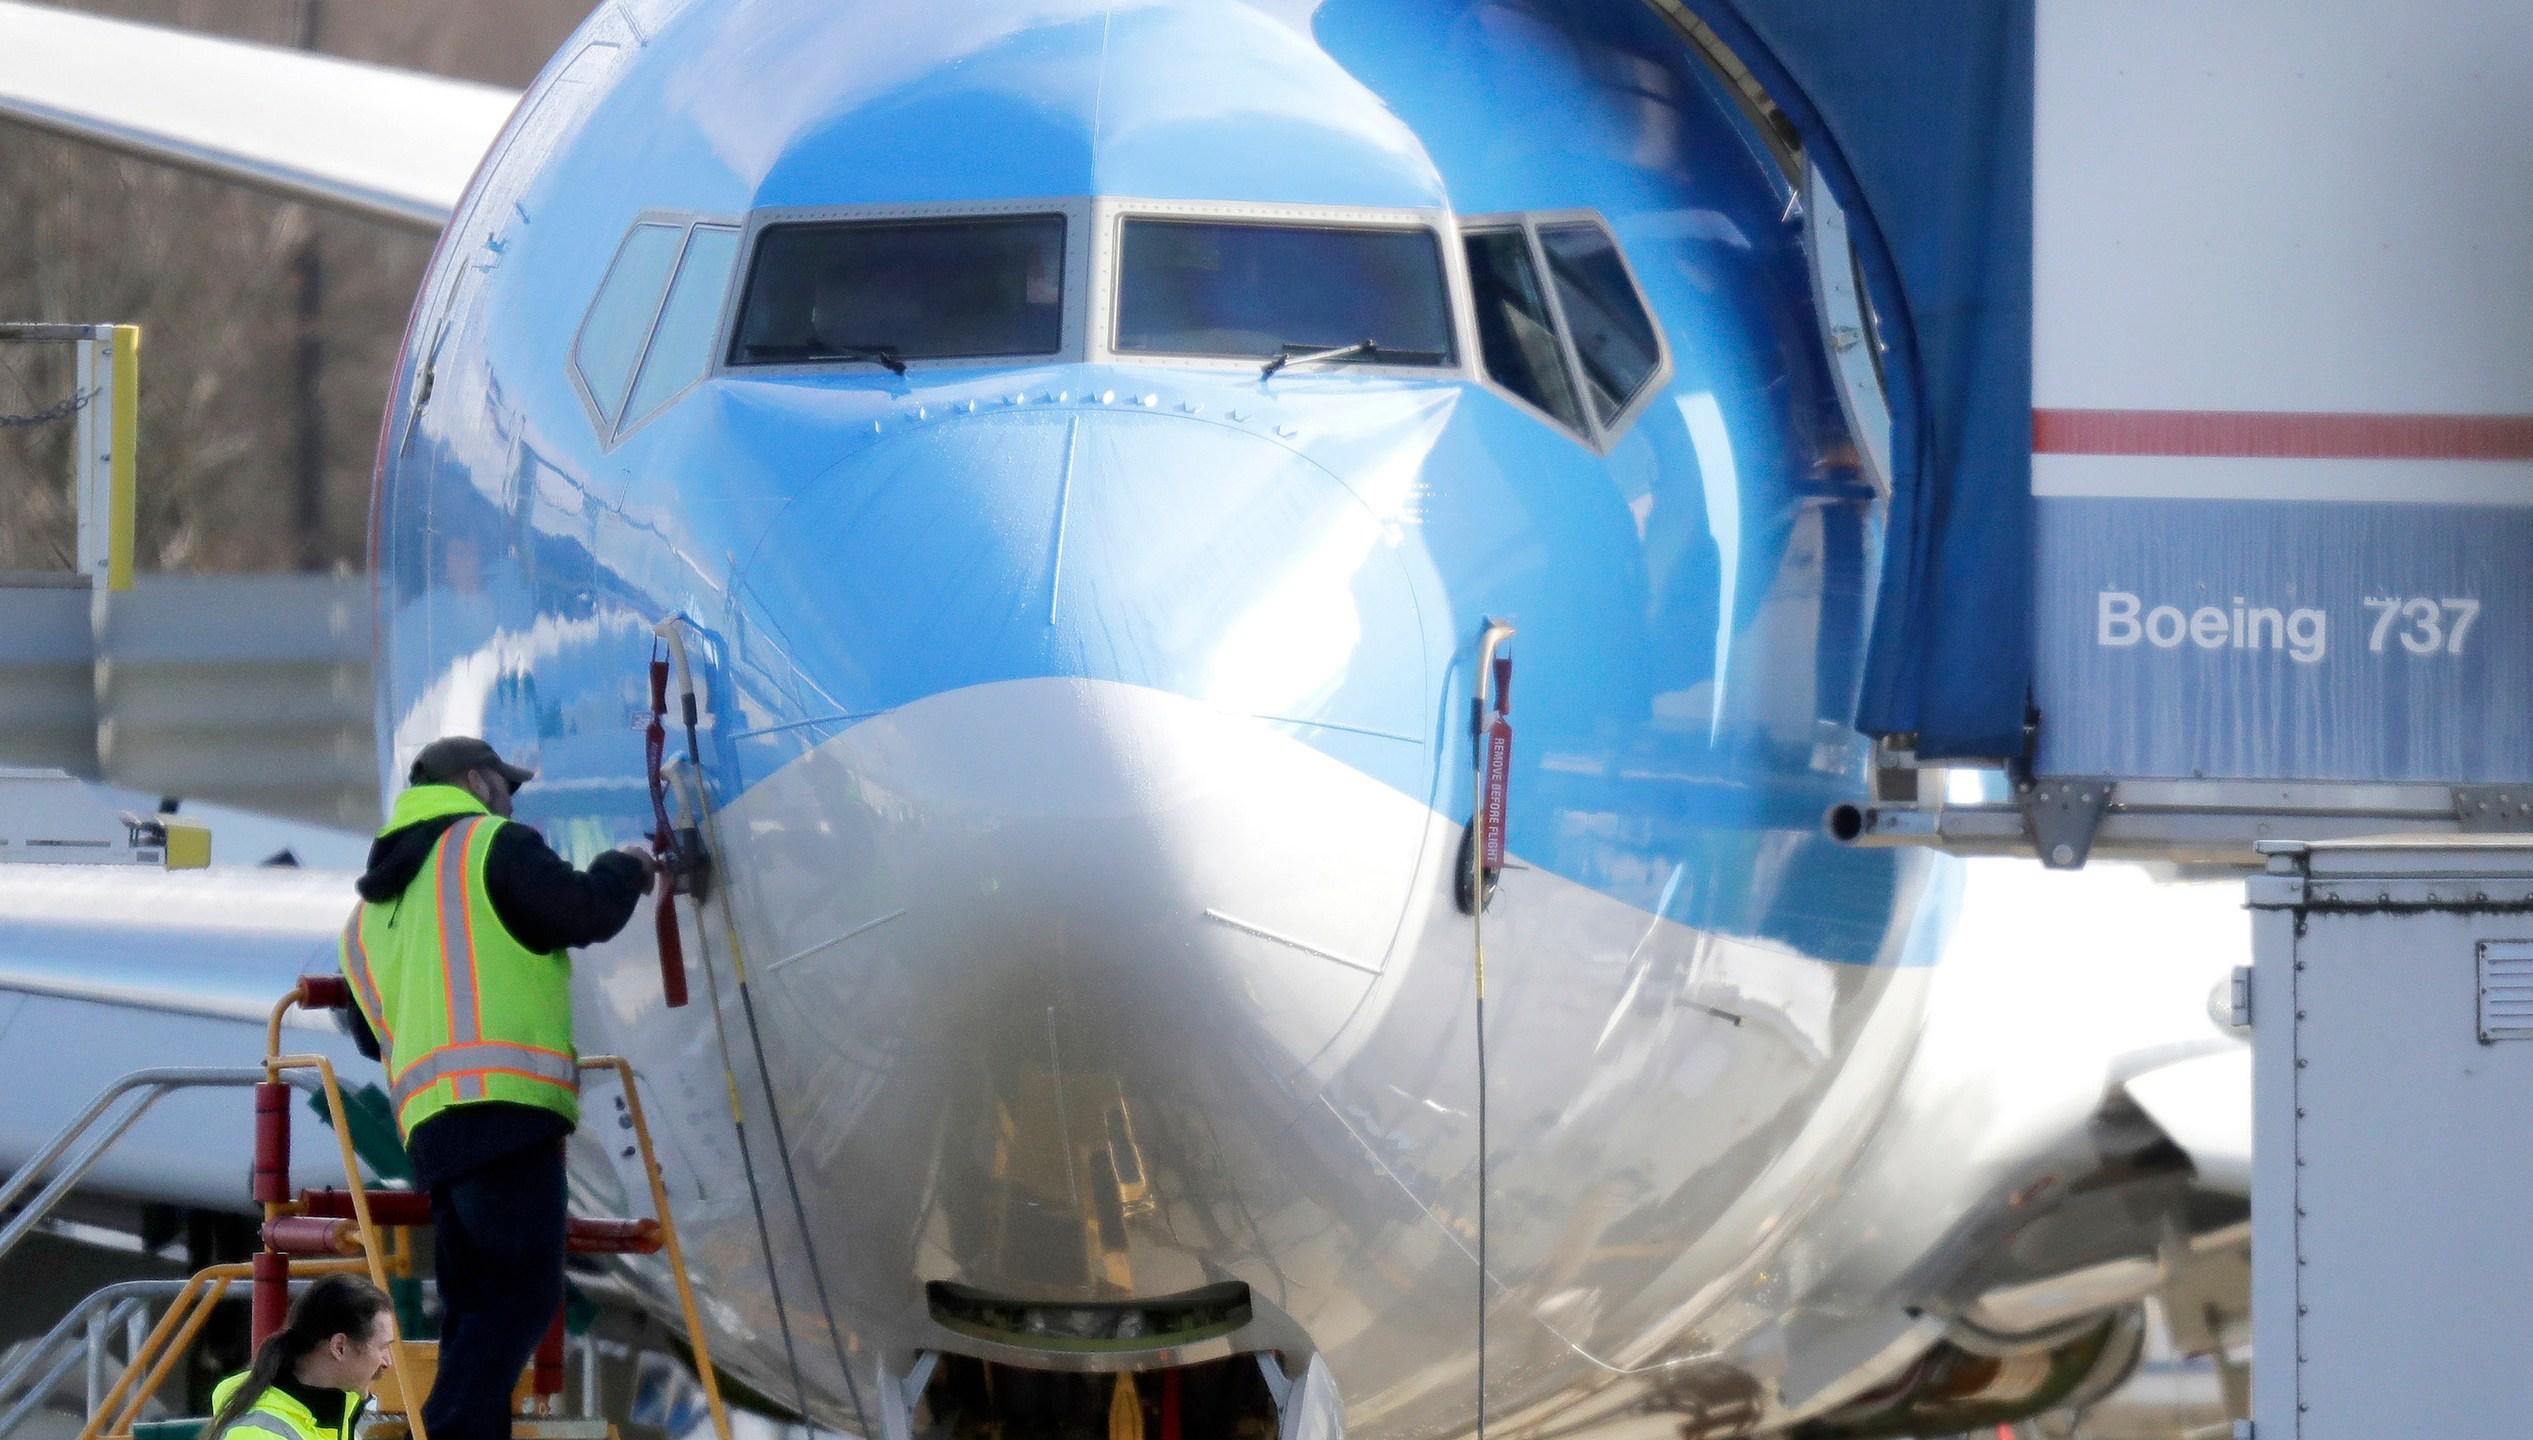 Boeing_Planes_Software_Fix_04650-159532.jpg51229439